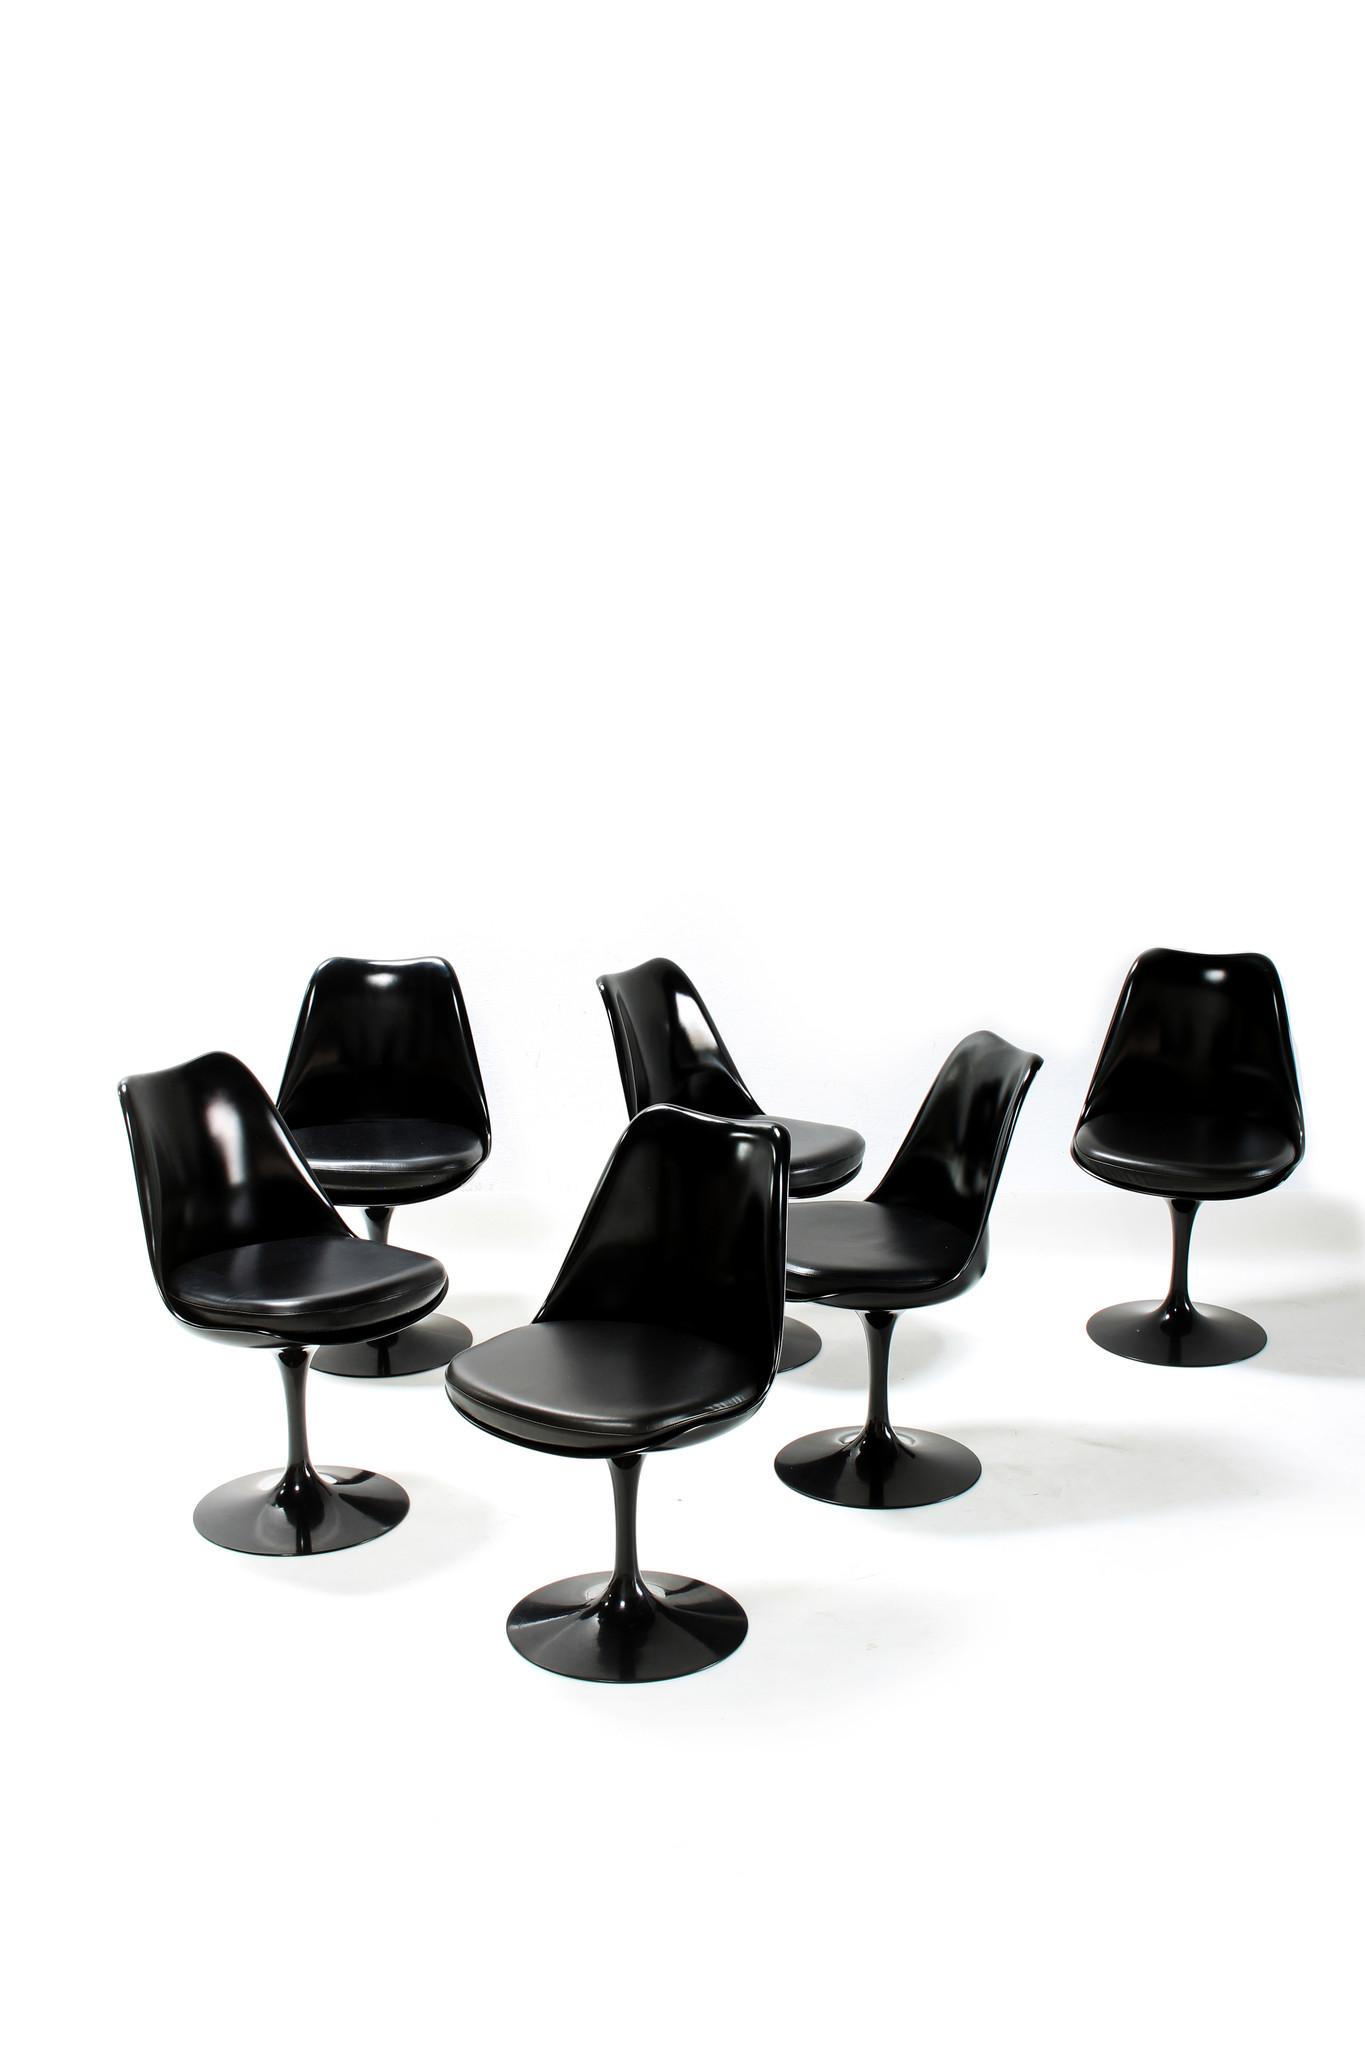 Eero Saarinen Knoll ovalen tafel met bijhorende tulip stoelen.